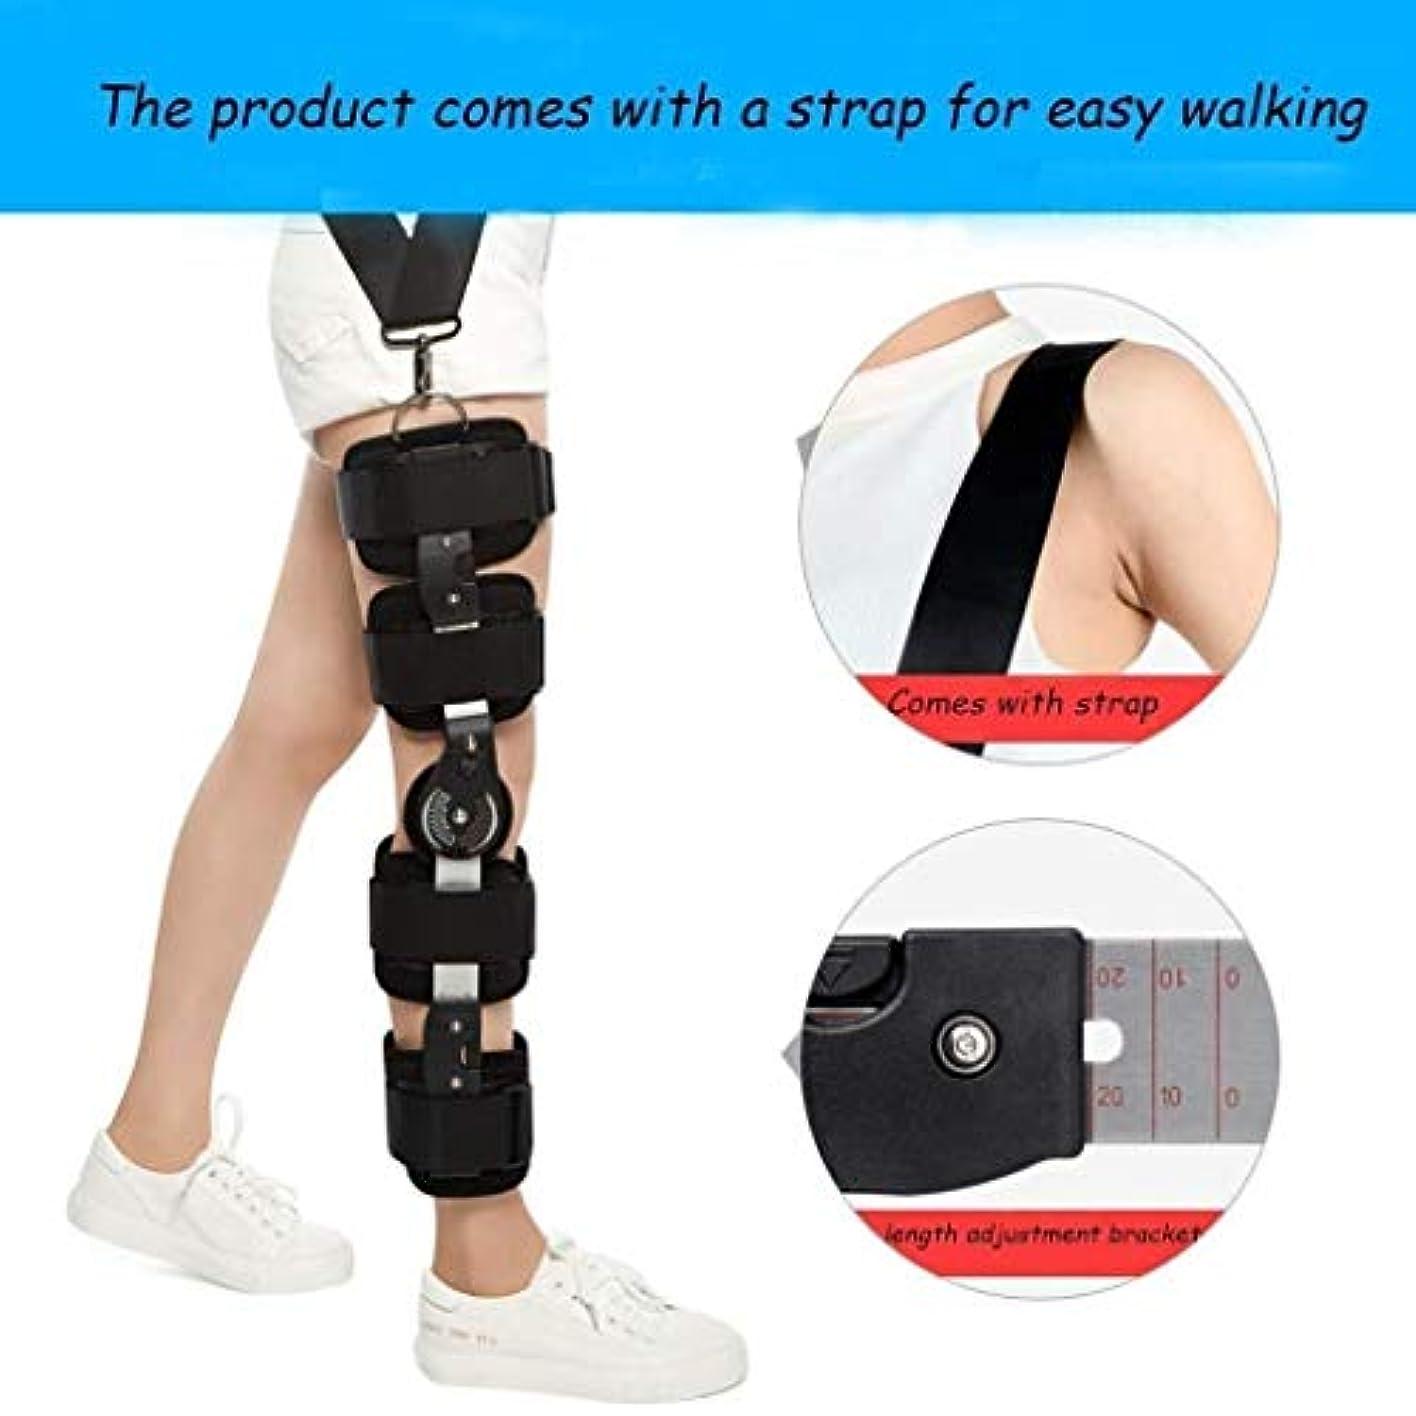 ガイド内向き孤独ヒンジ付き膝装具-怪我、治療、サポート、痛みの軽減のための調節可能な靭帯サポート